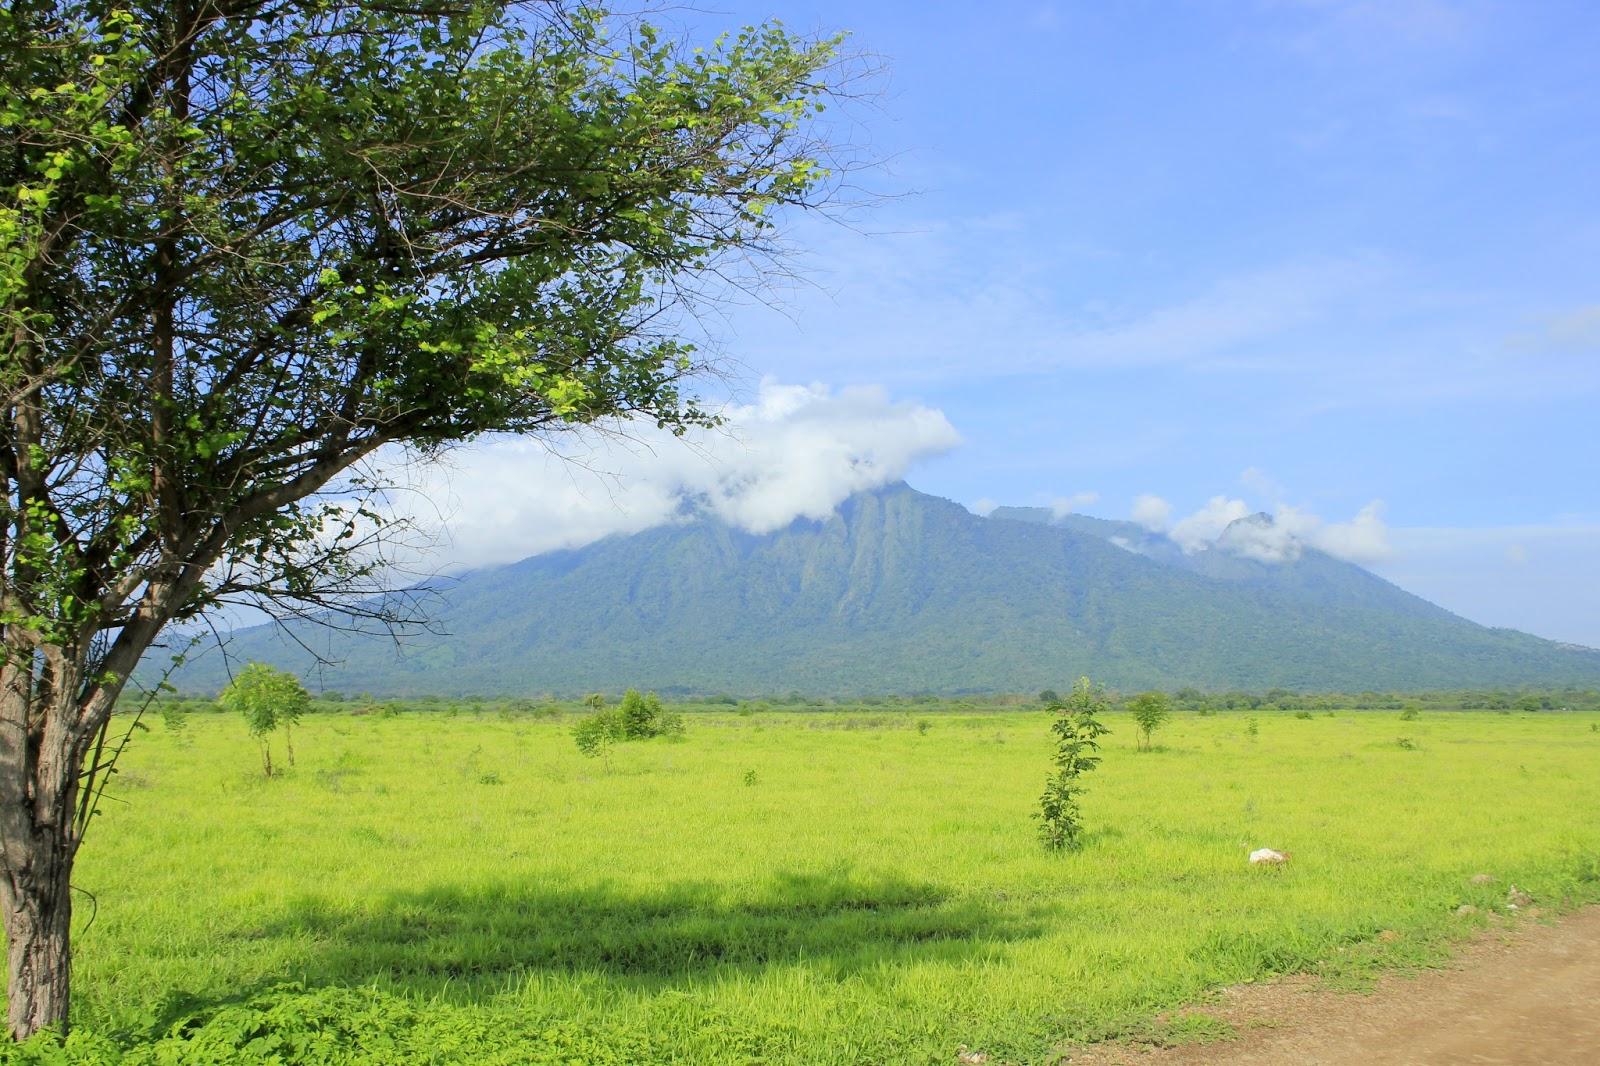 Referensi dan Rekomendasi Tempat Wisata di Indonesia: Taman Nasional Baluran